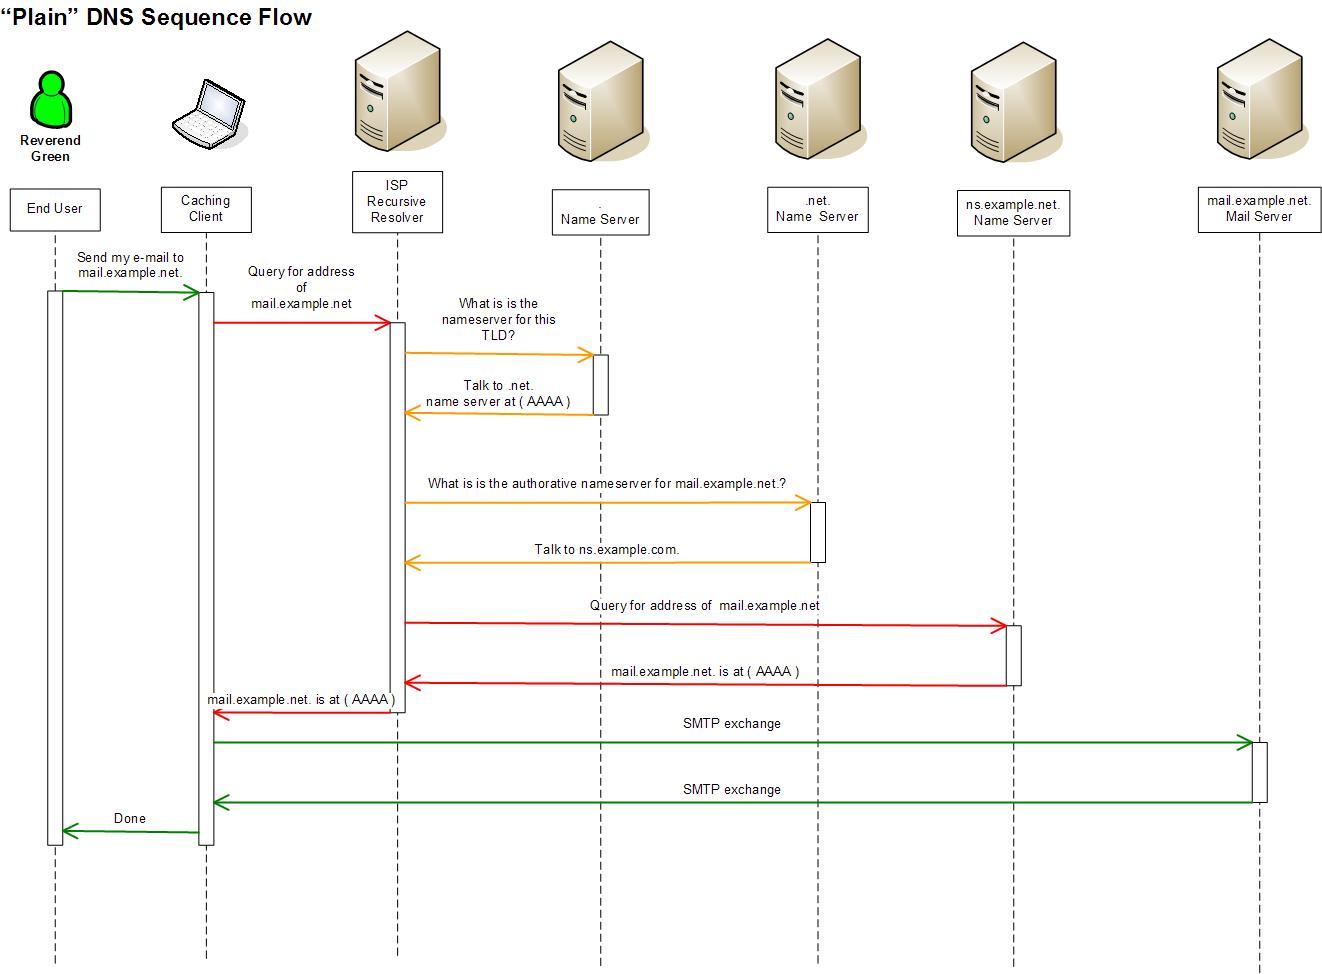 uml sequence diagram alternate flow 2002 honda civic wiring radio dnssec what occurs